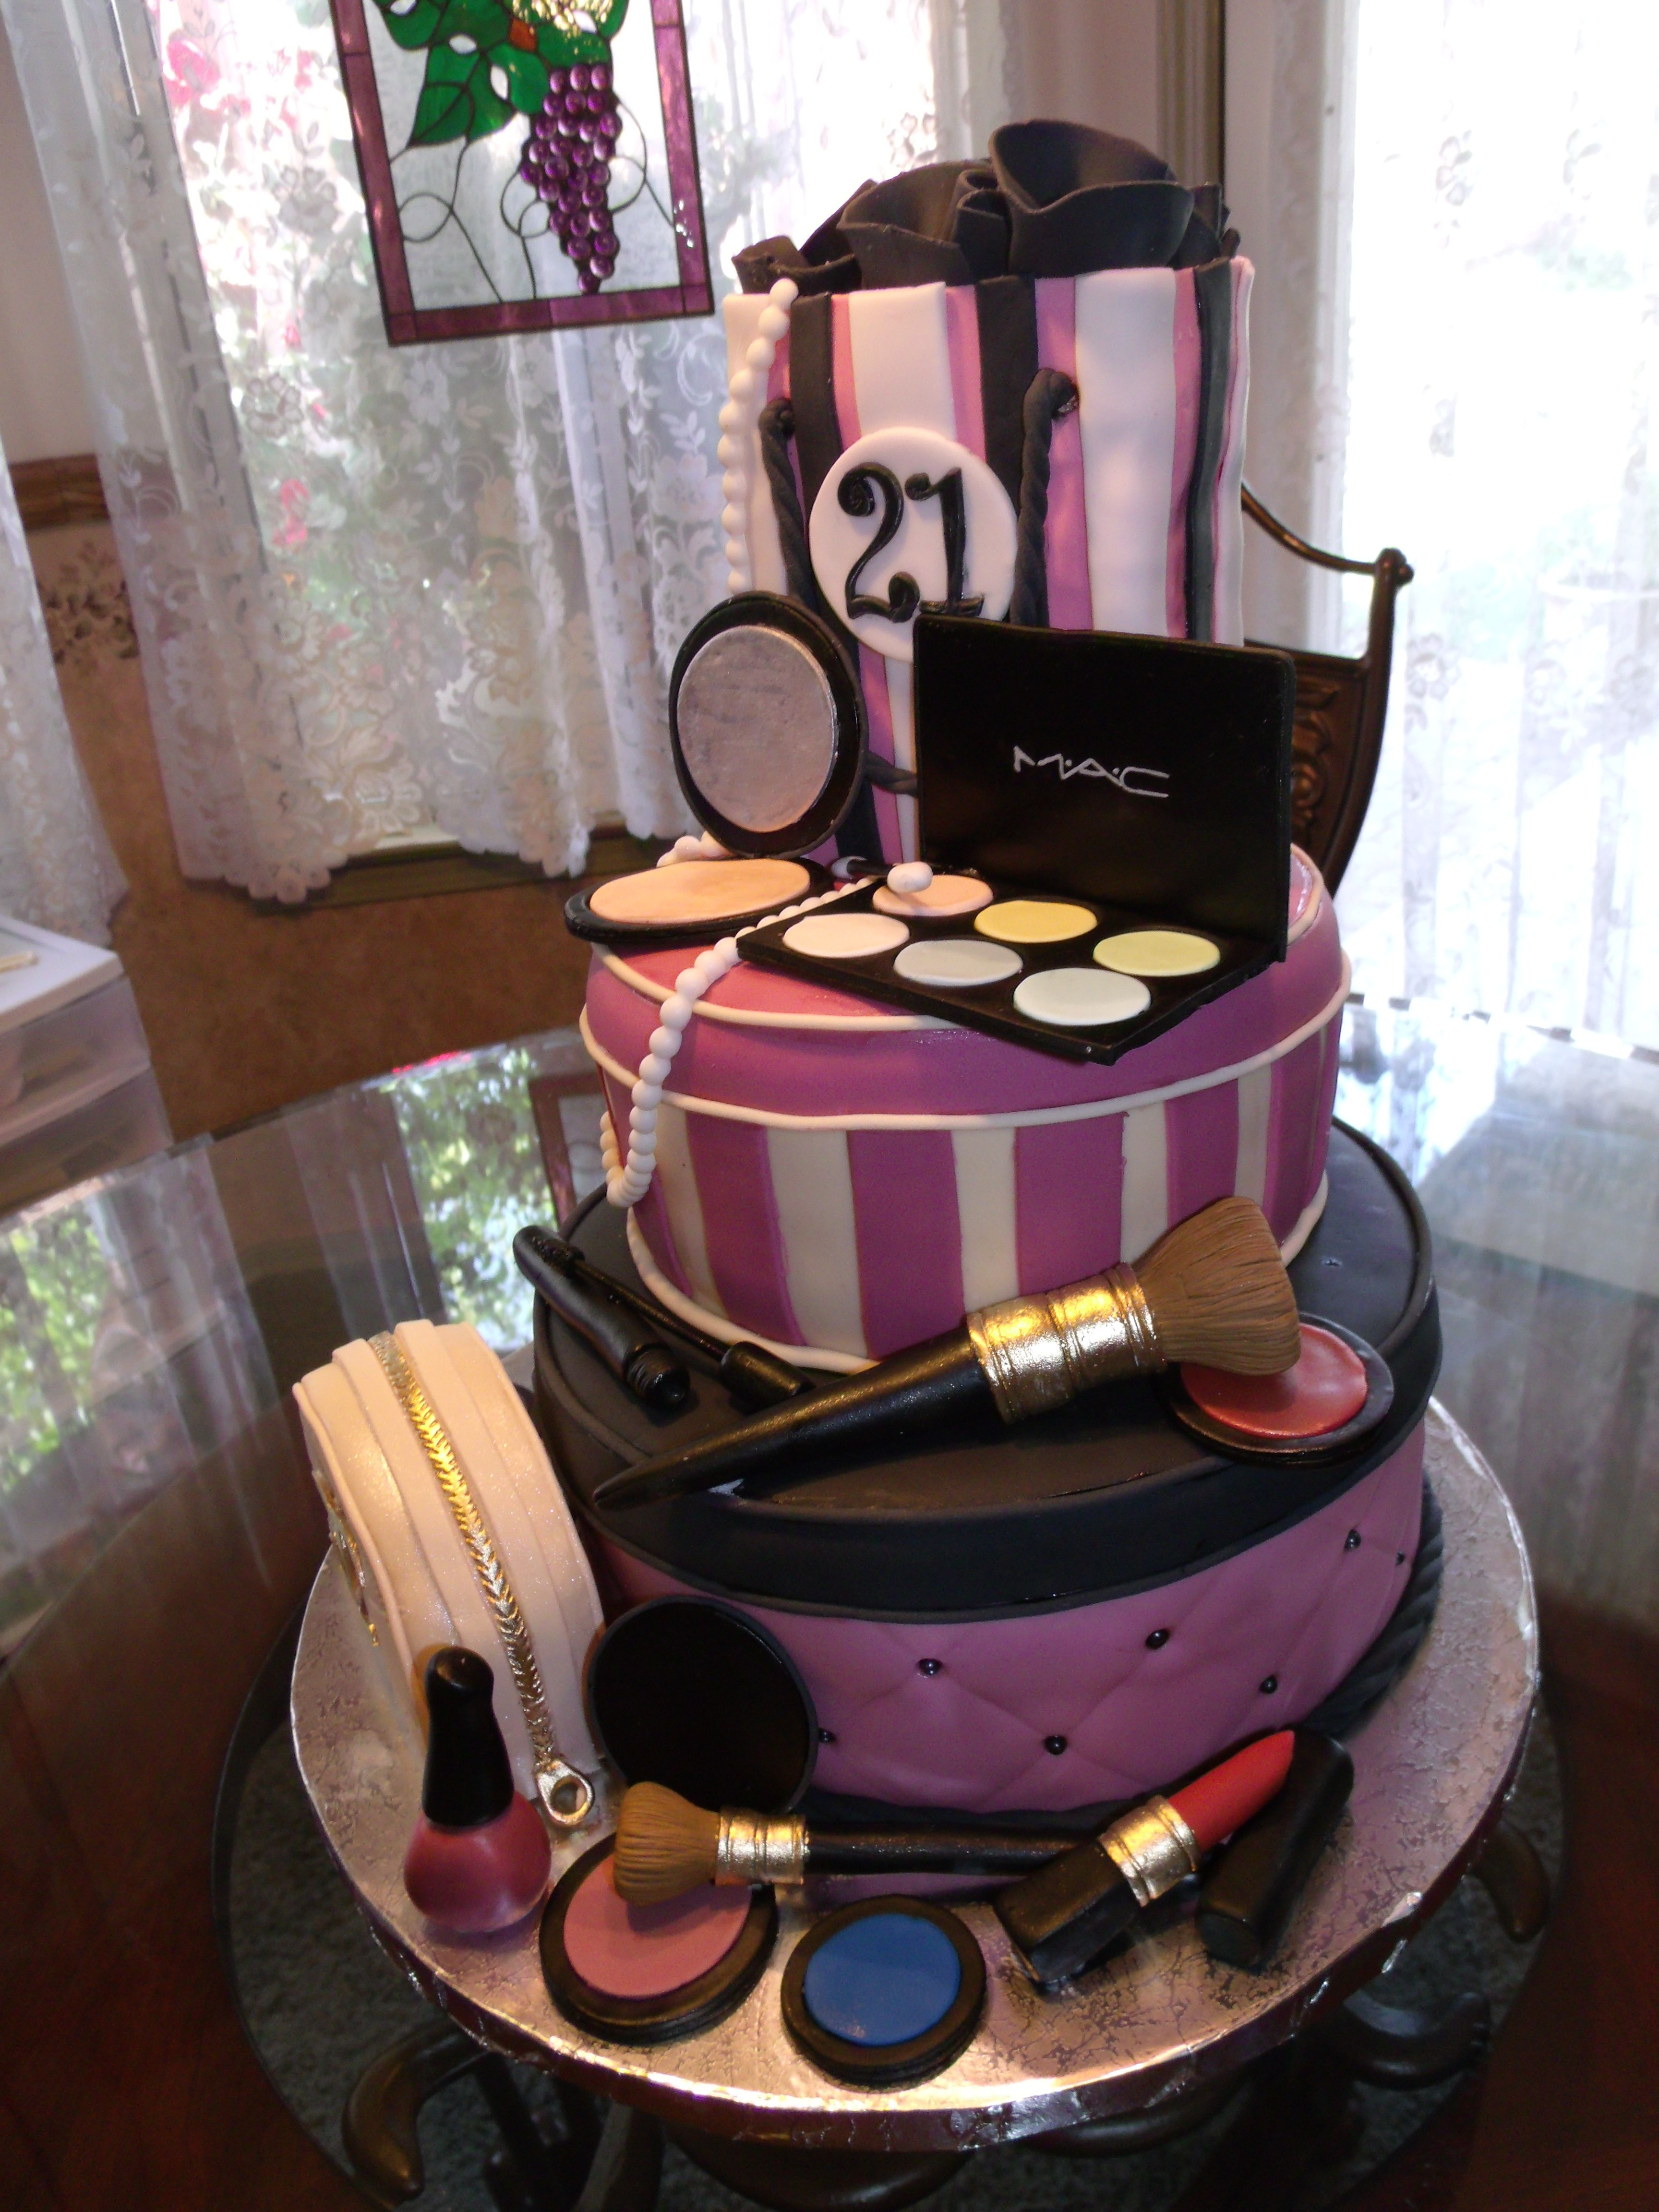 021jpg Kinder Geburtstag Torte Kuchen Ideen Mac Kuchen